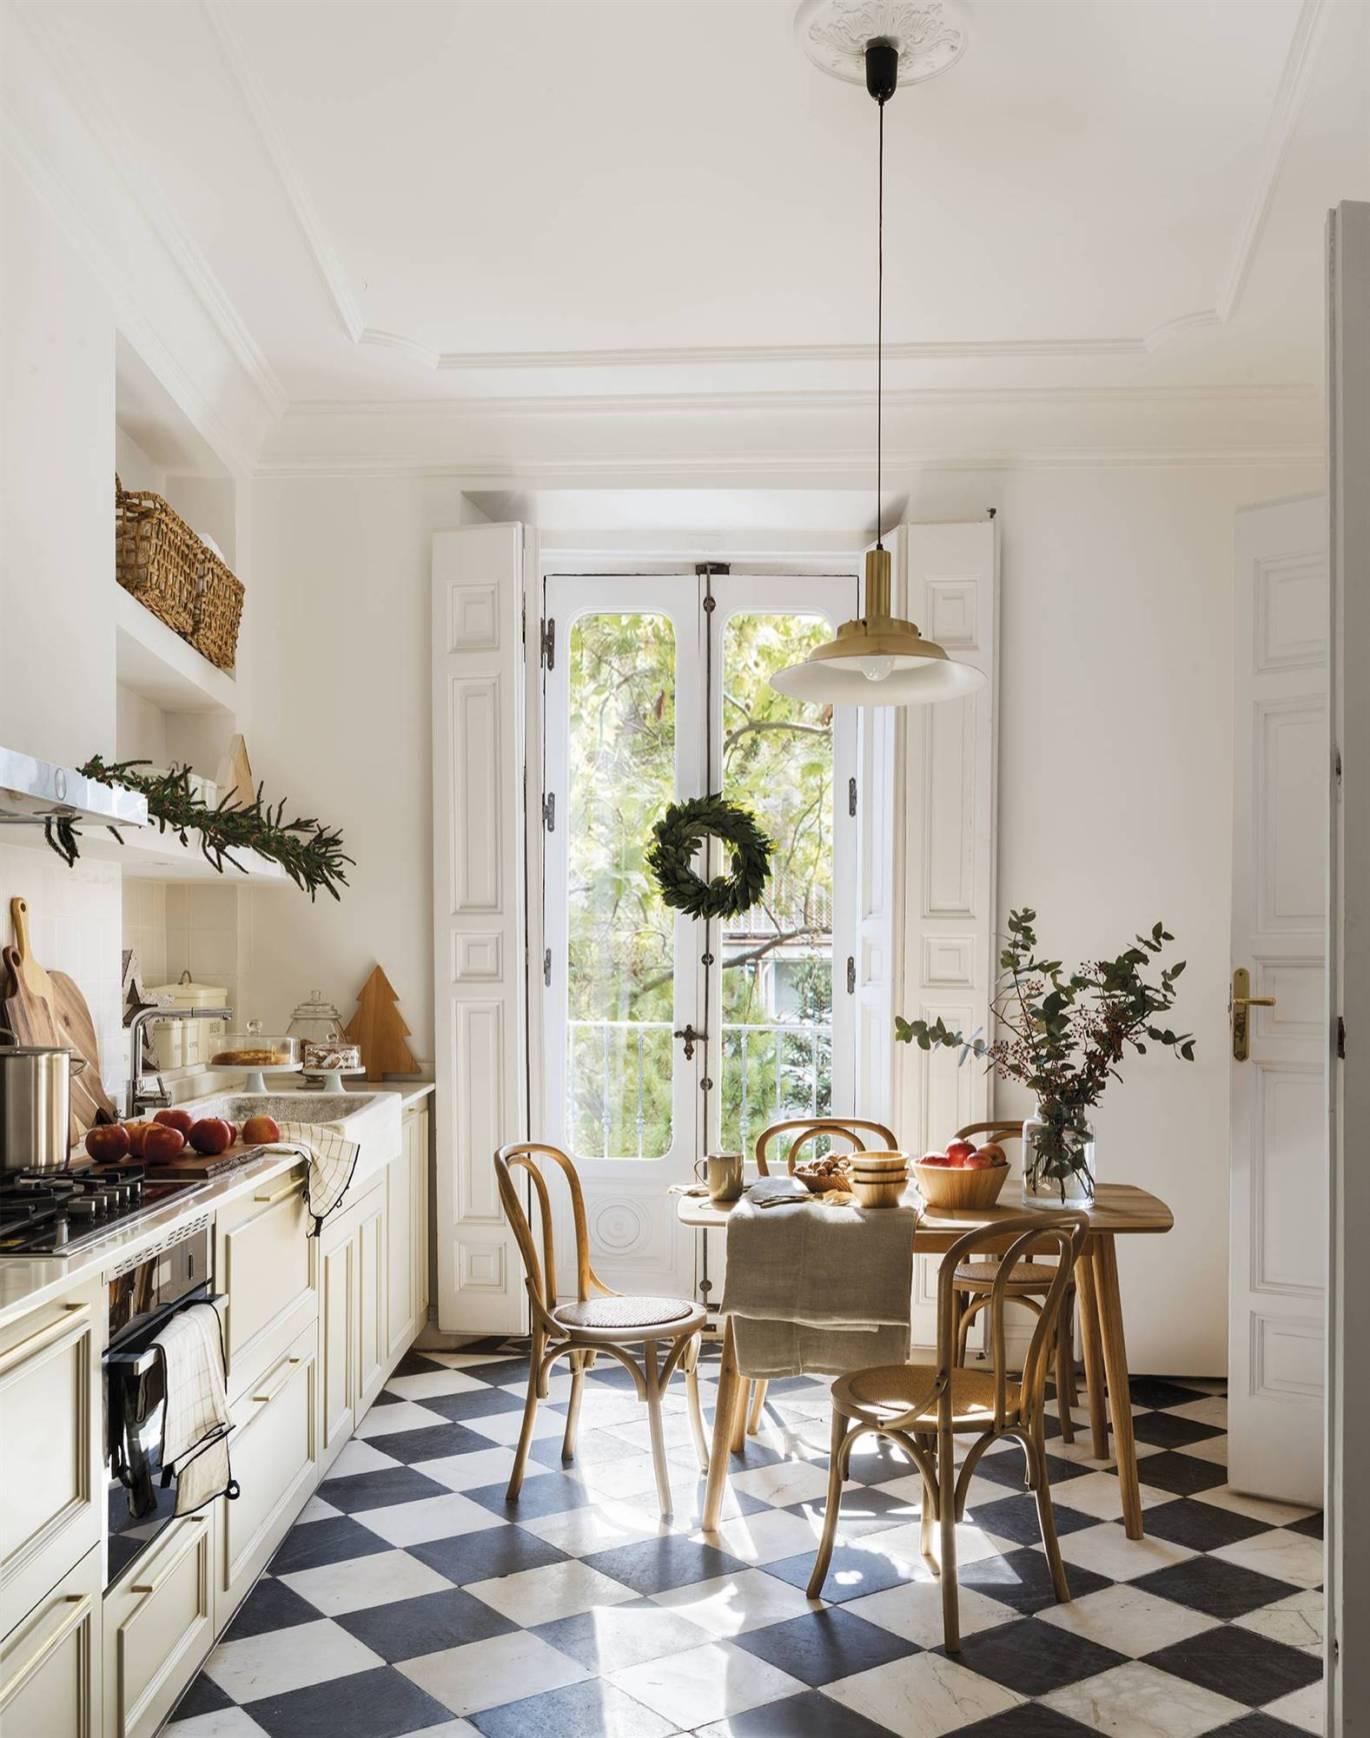 кухонная мебель обеденный стол